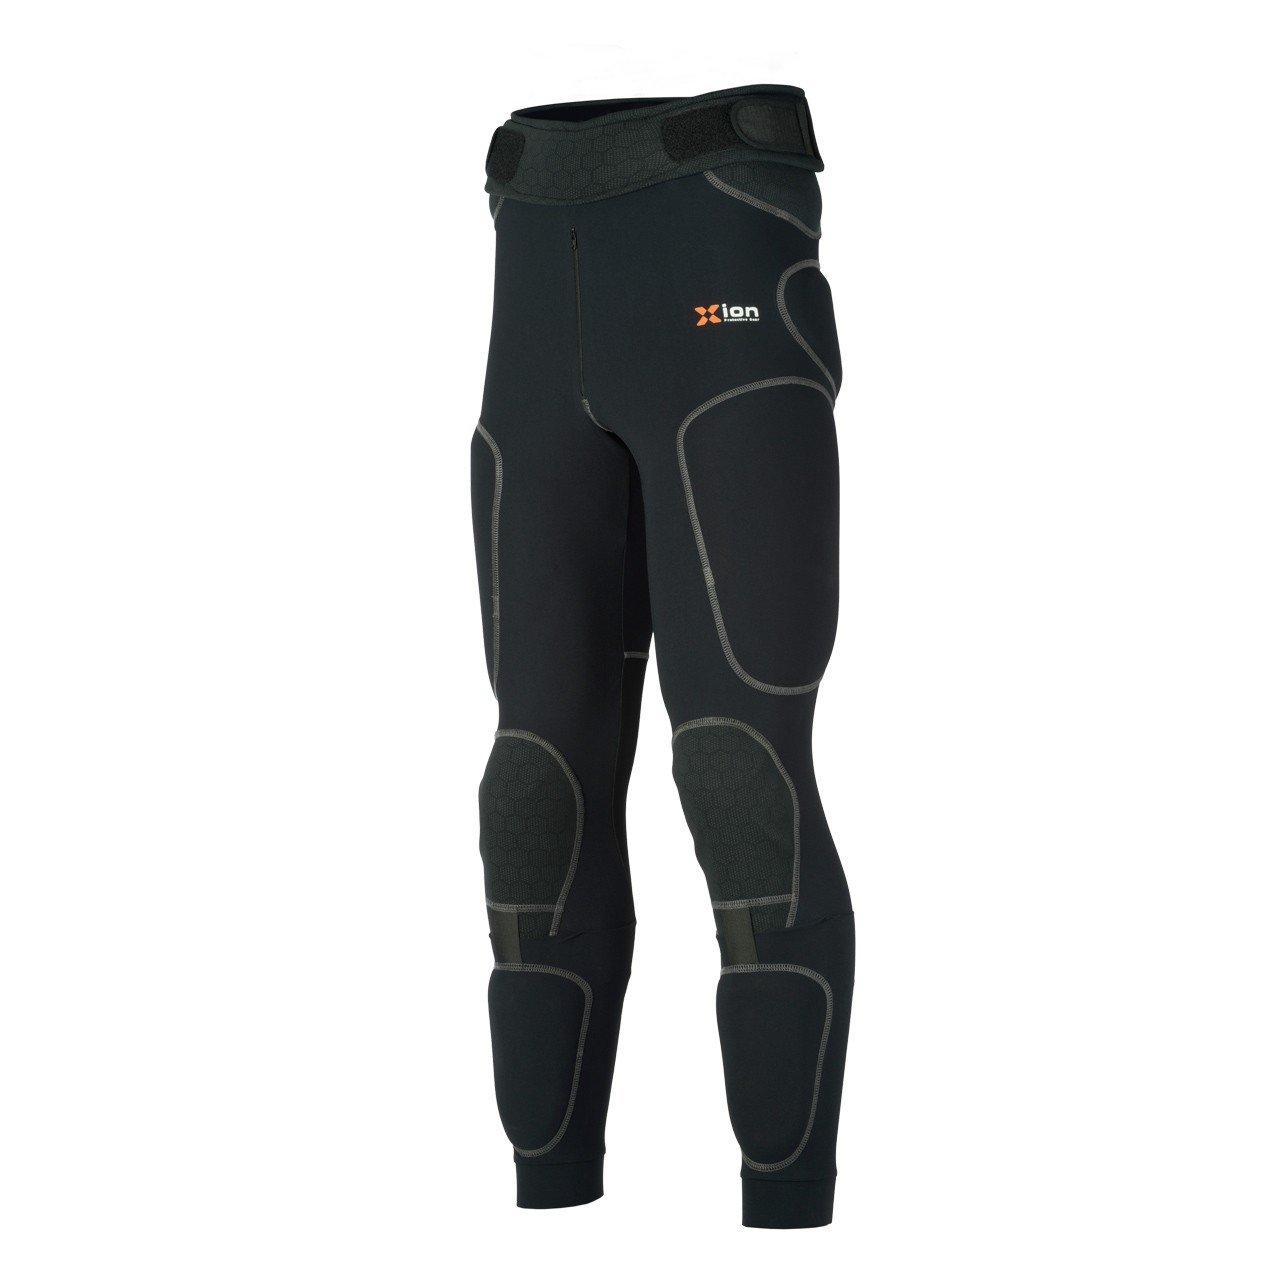 Xion Bermuda Xtreme Pro Pants - Men's XX-Large